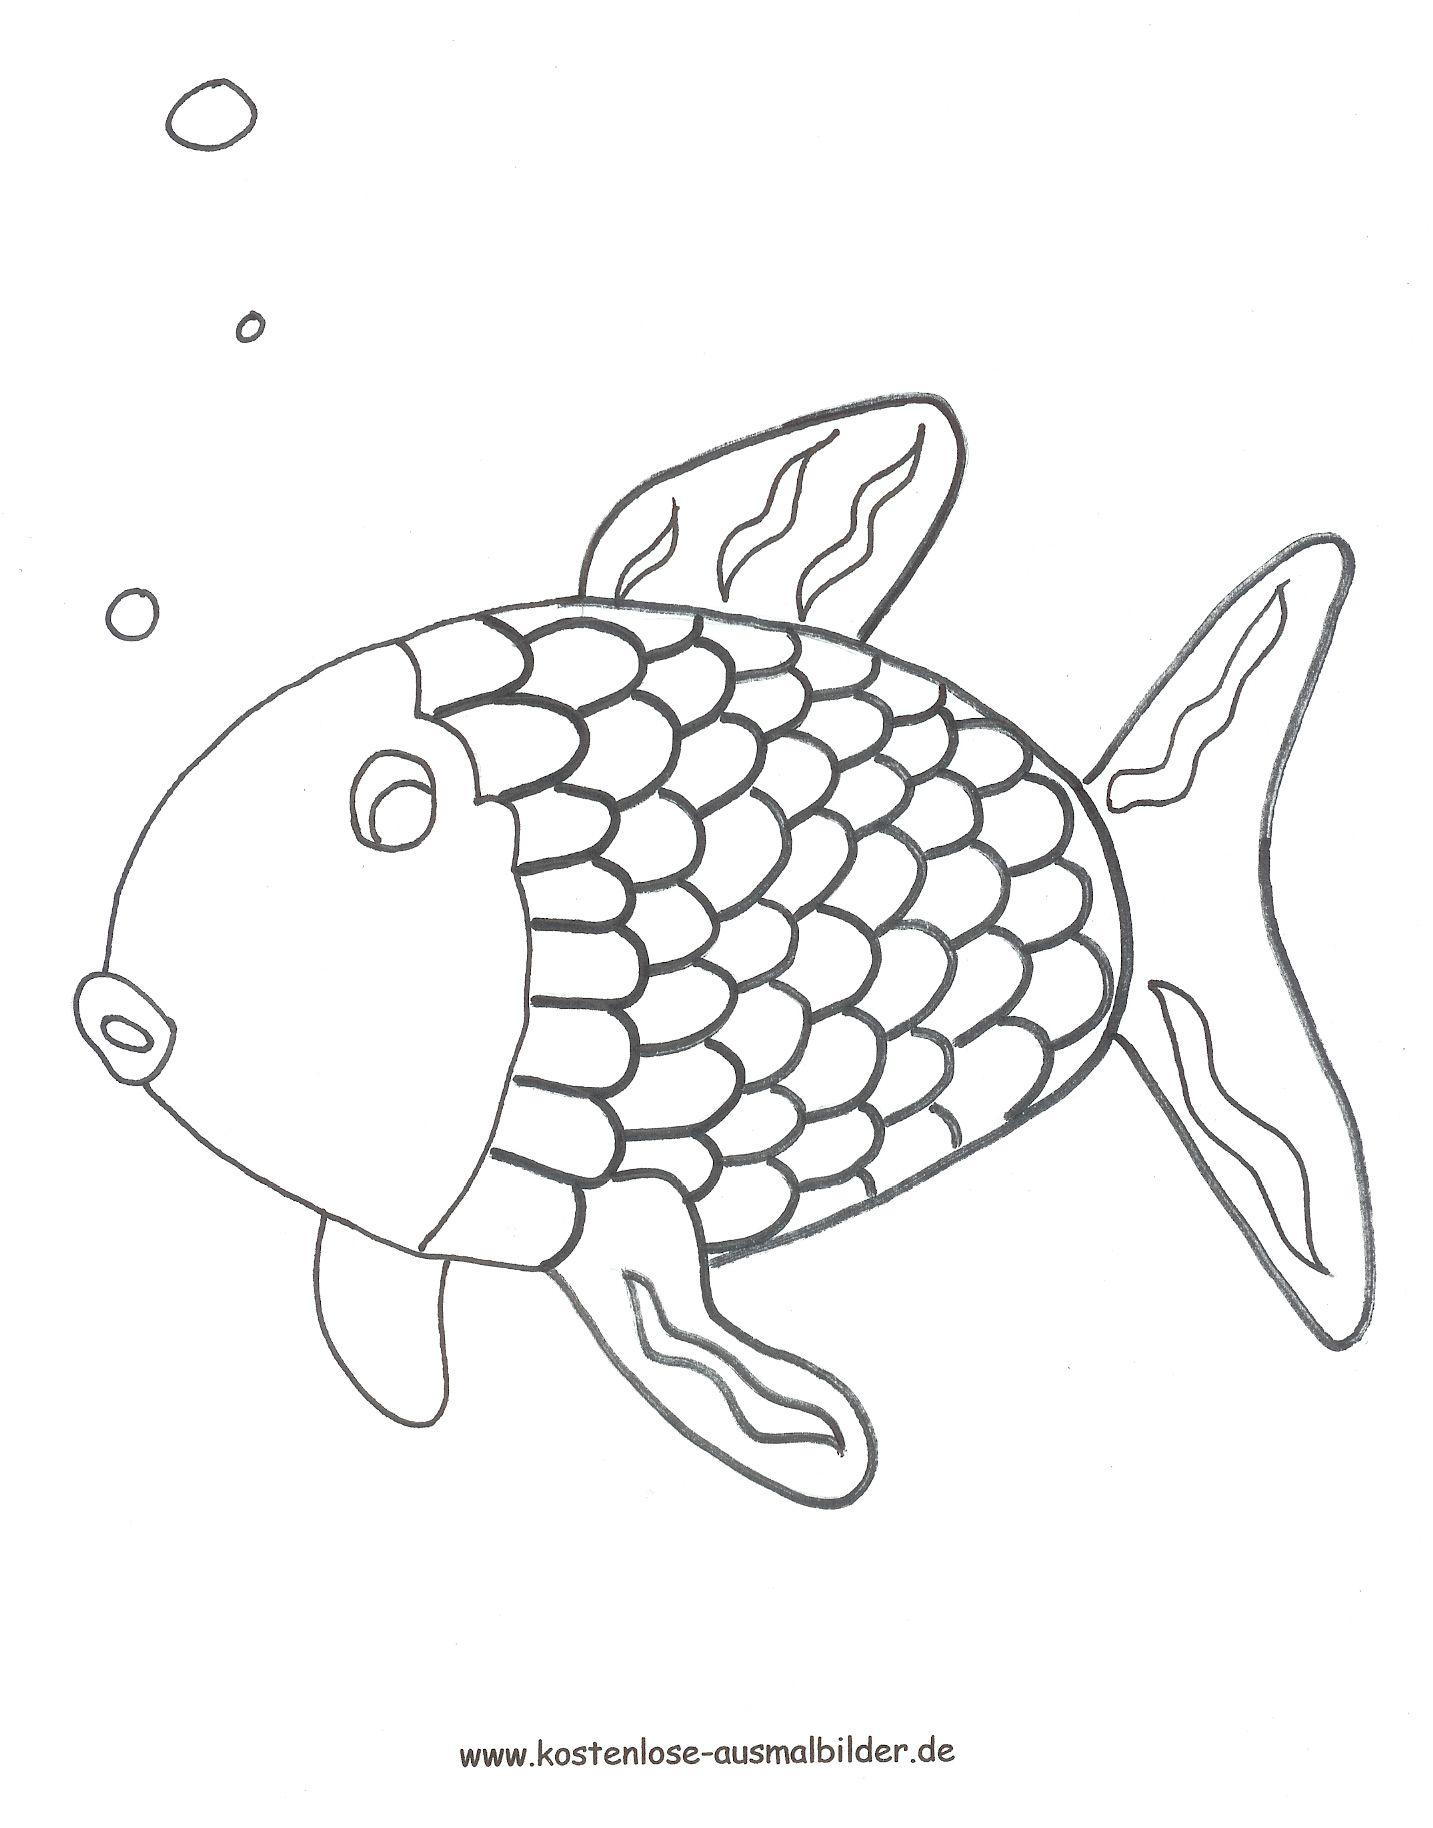 regenbogenfisch ausmalbild  window color vorlagen